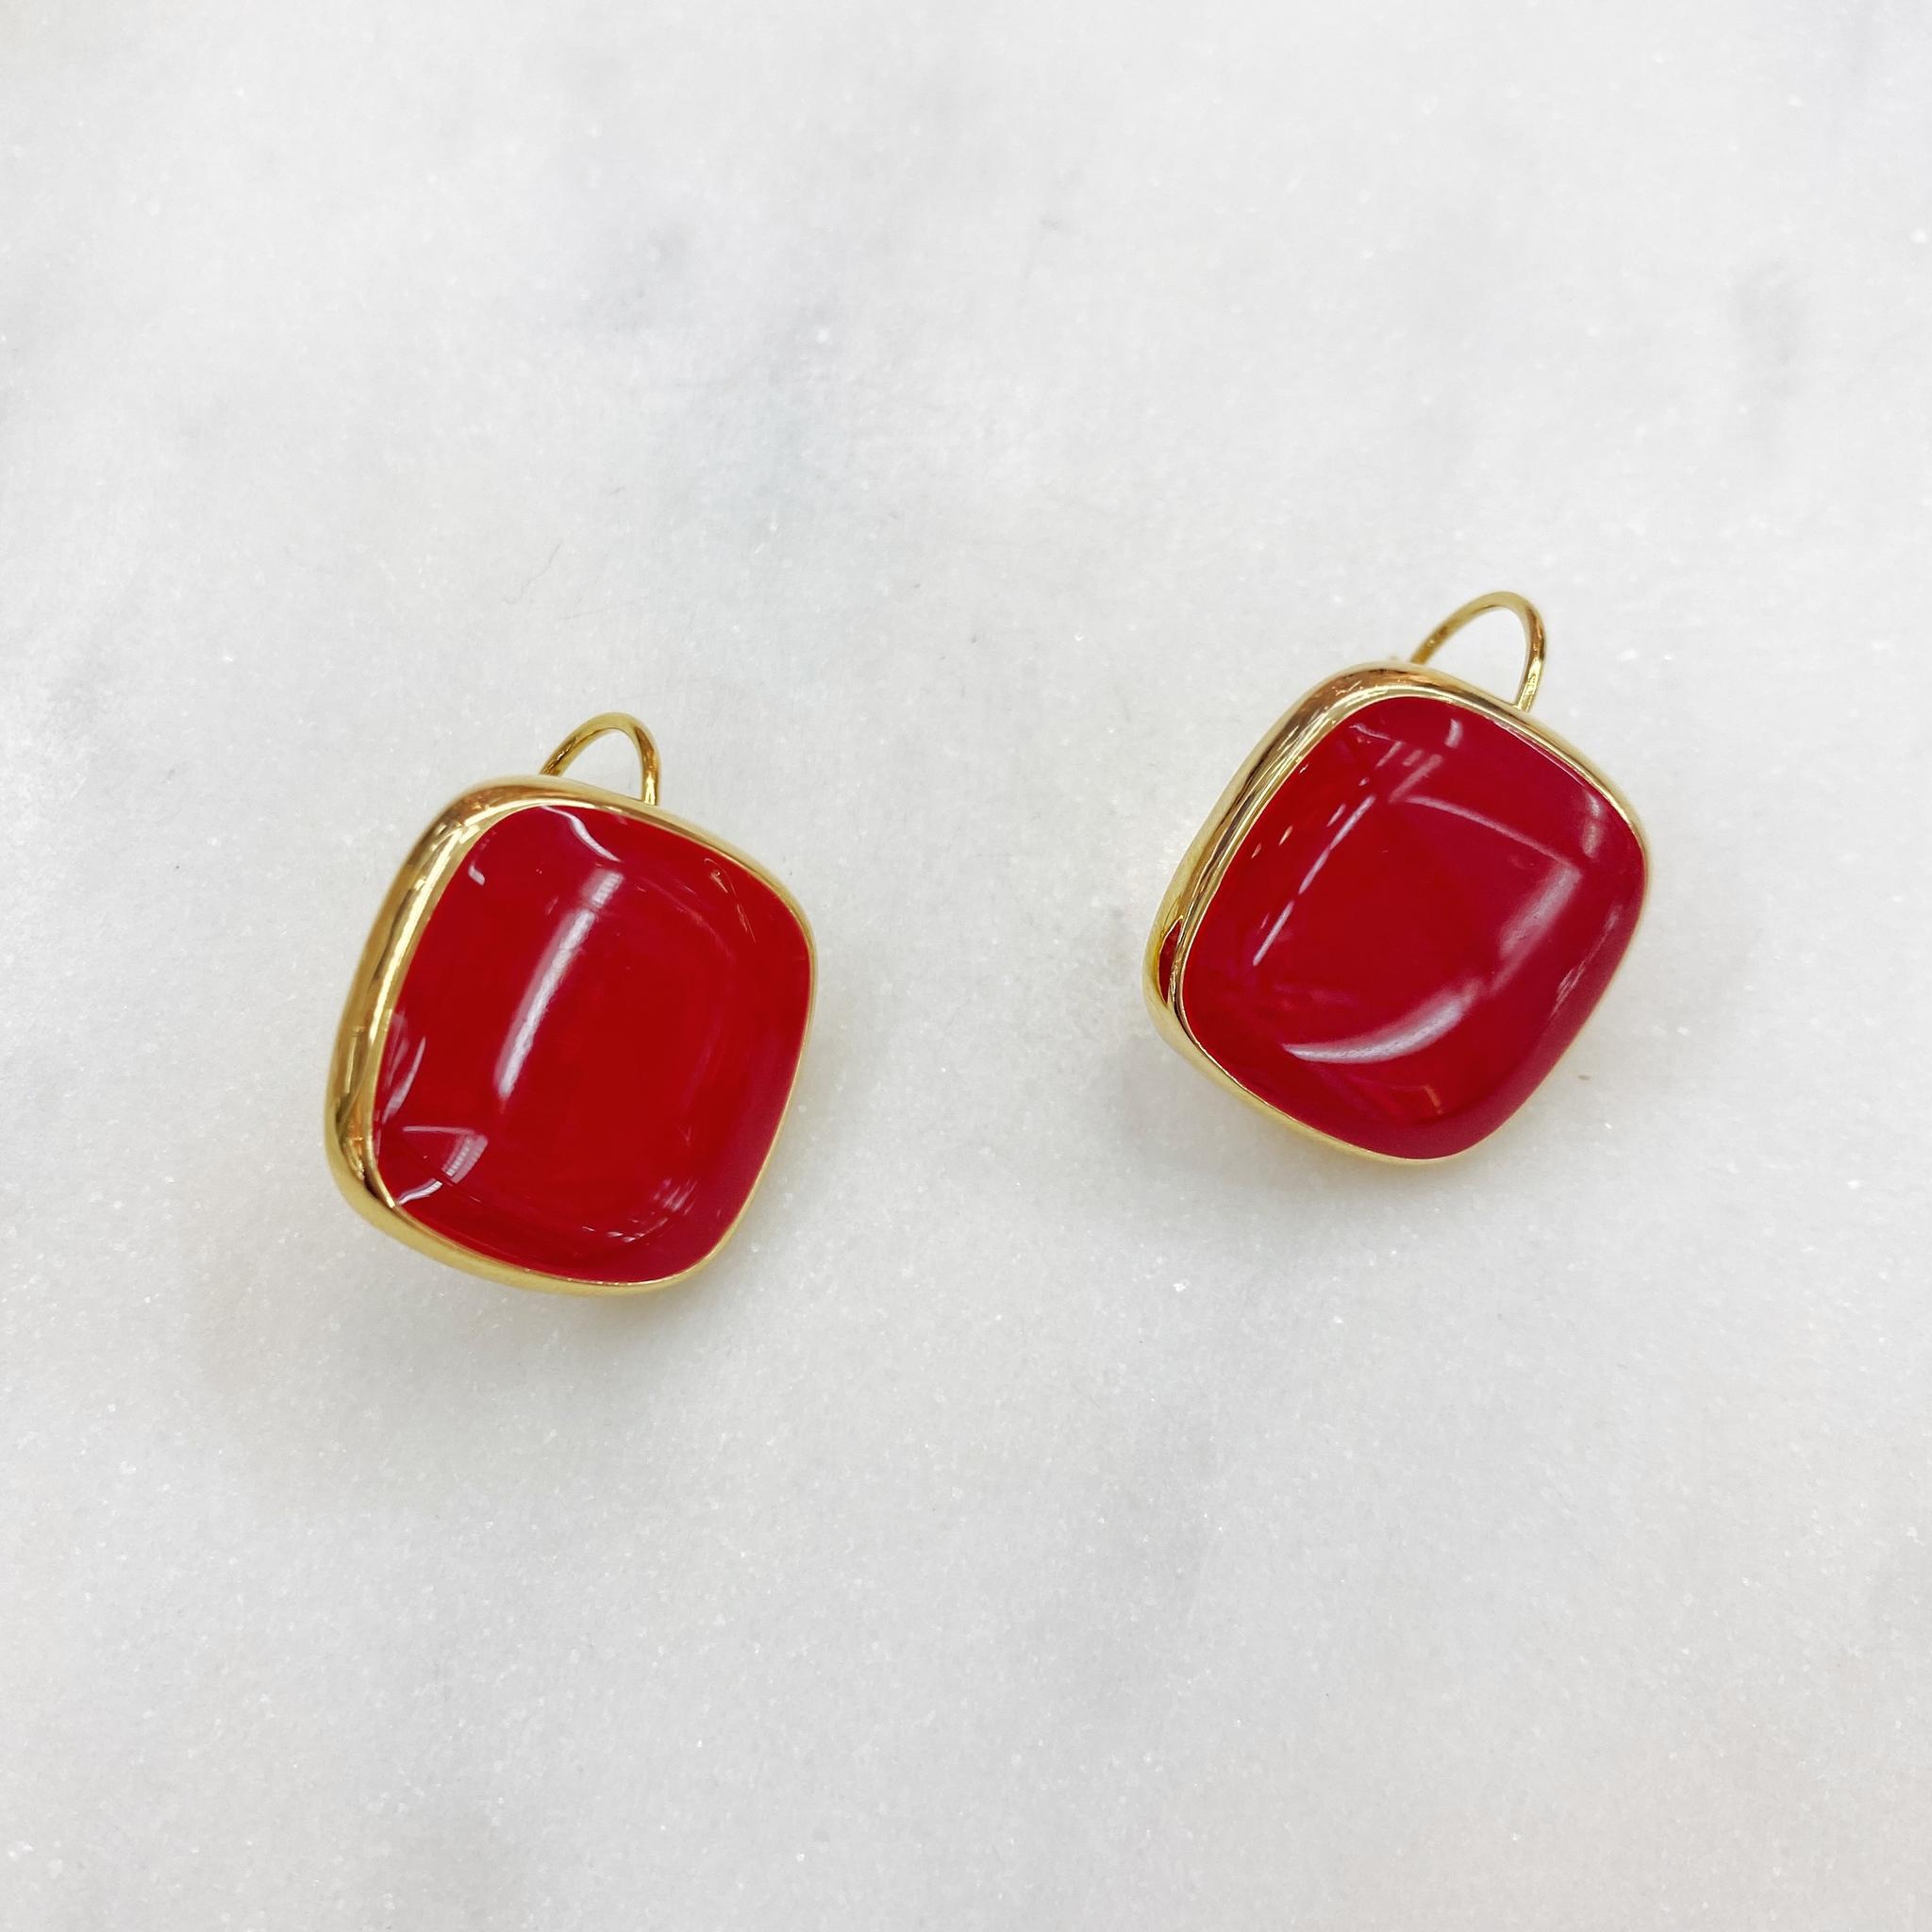 Серьги Квадраты на петлях, эмаль (красный)